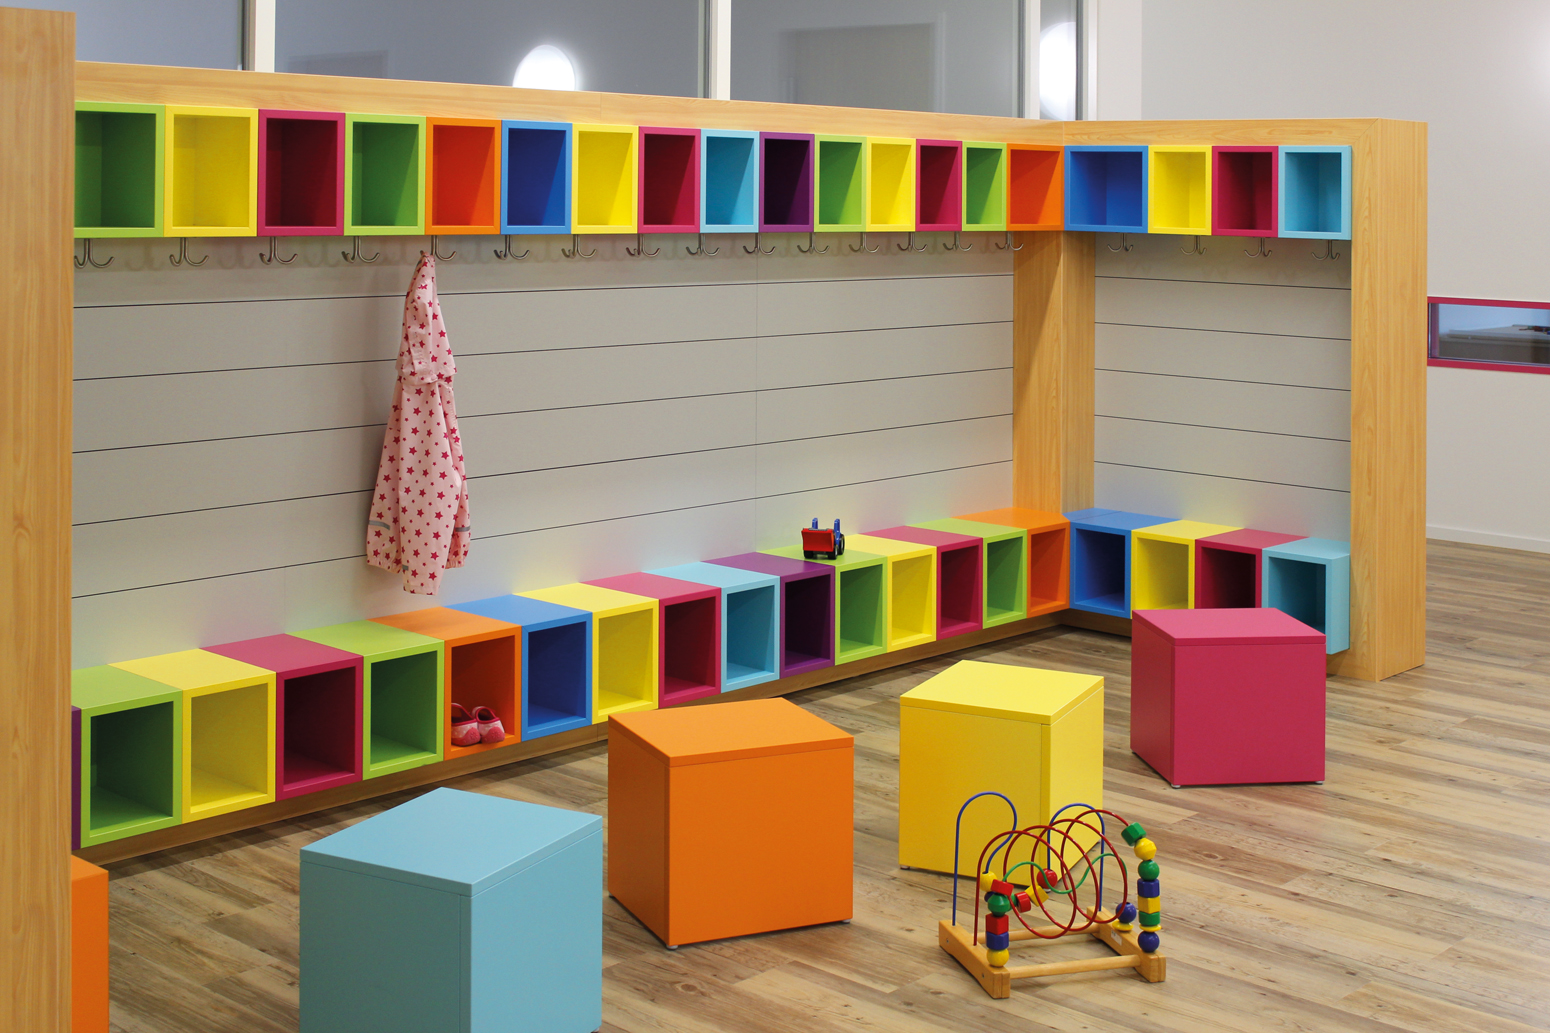 Alles schön bunt hier:  Kindergarderobe mit Sitzbank, Schuhablage, Ablagefach oben und Garderobenhaken.